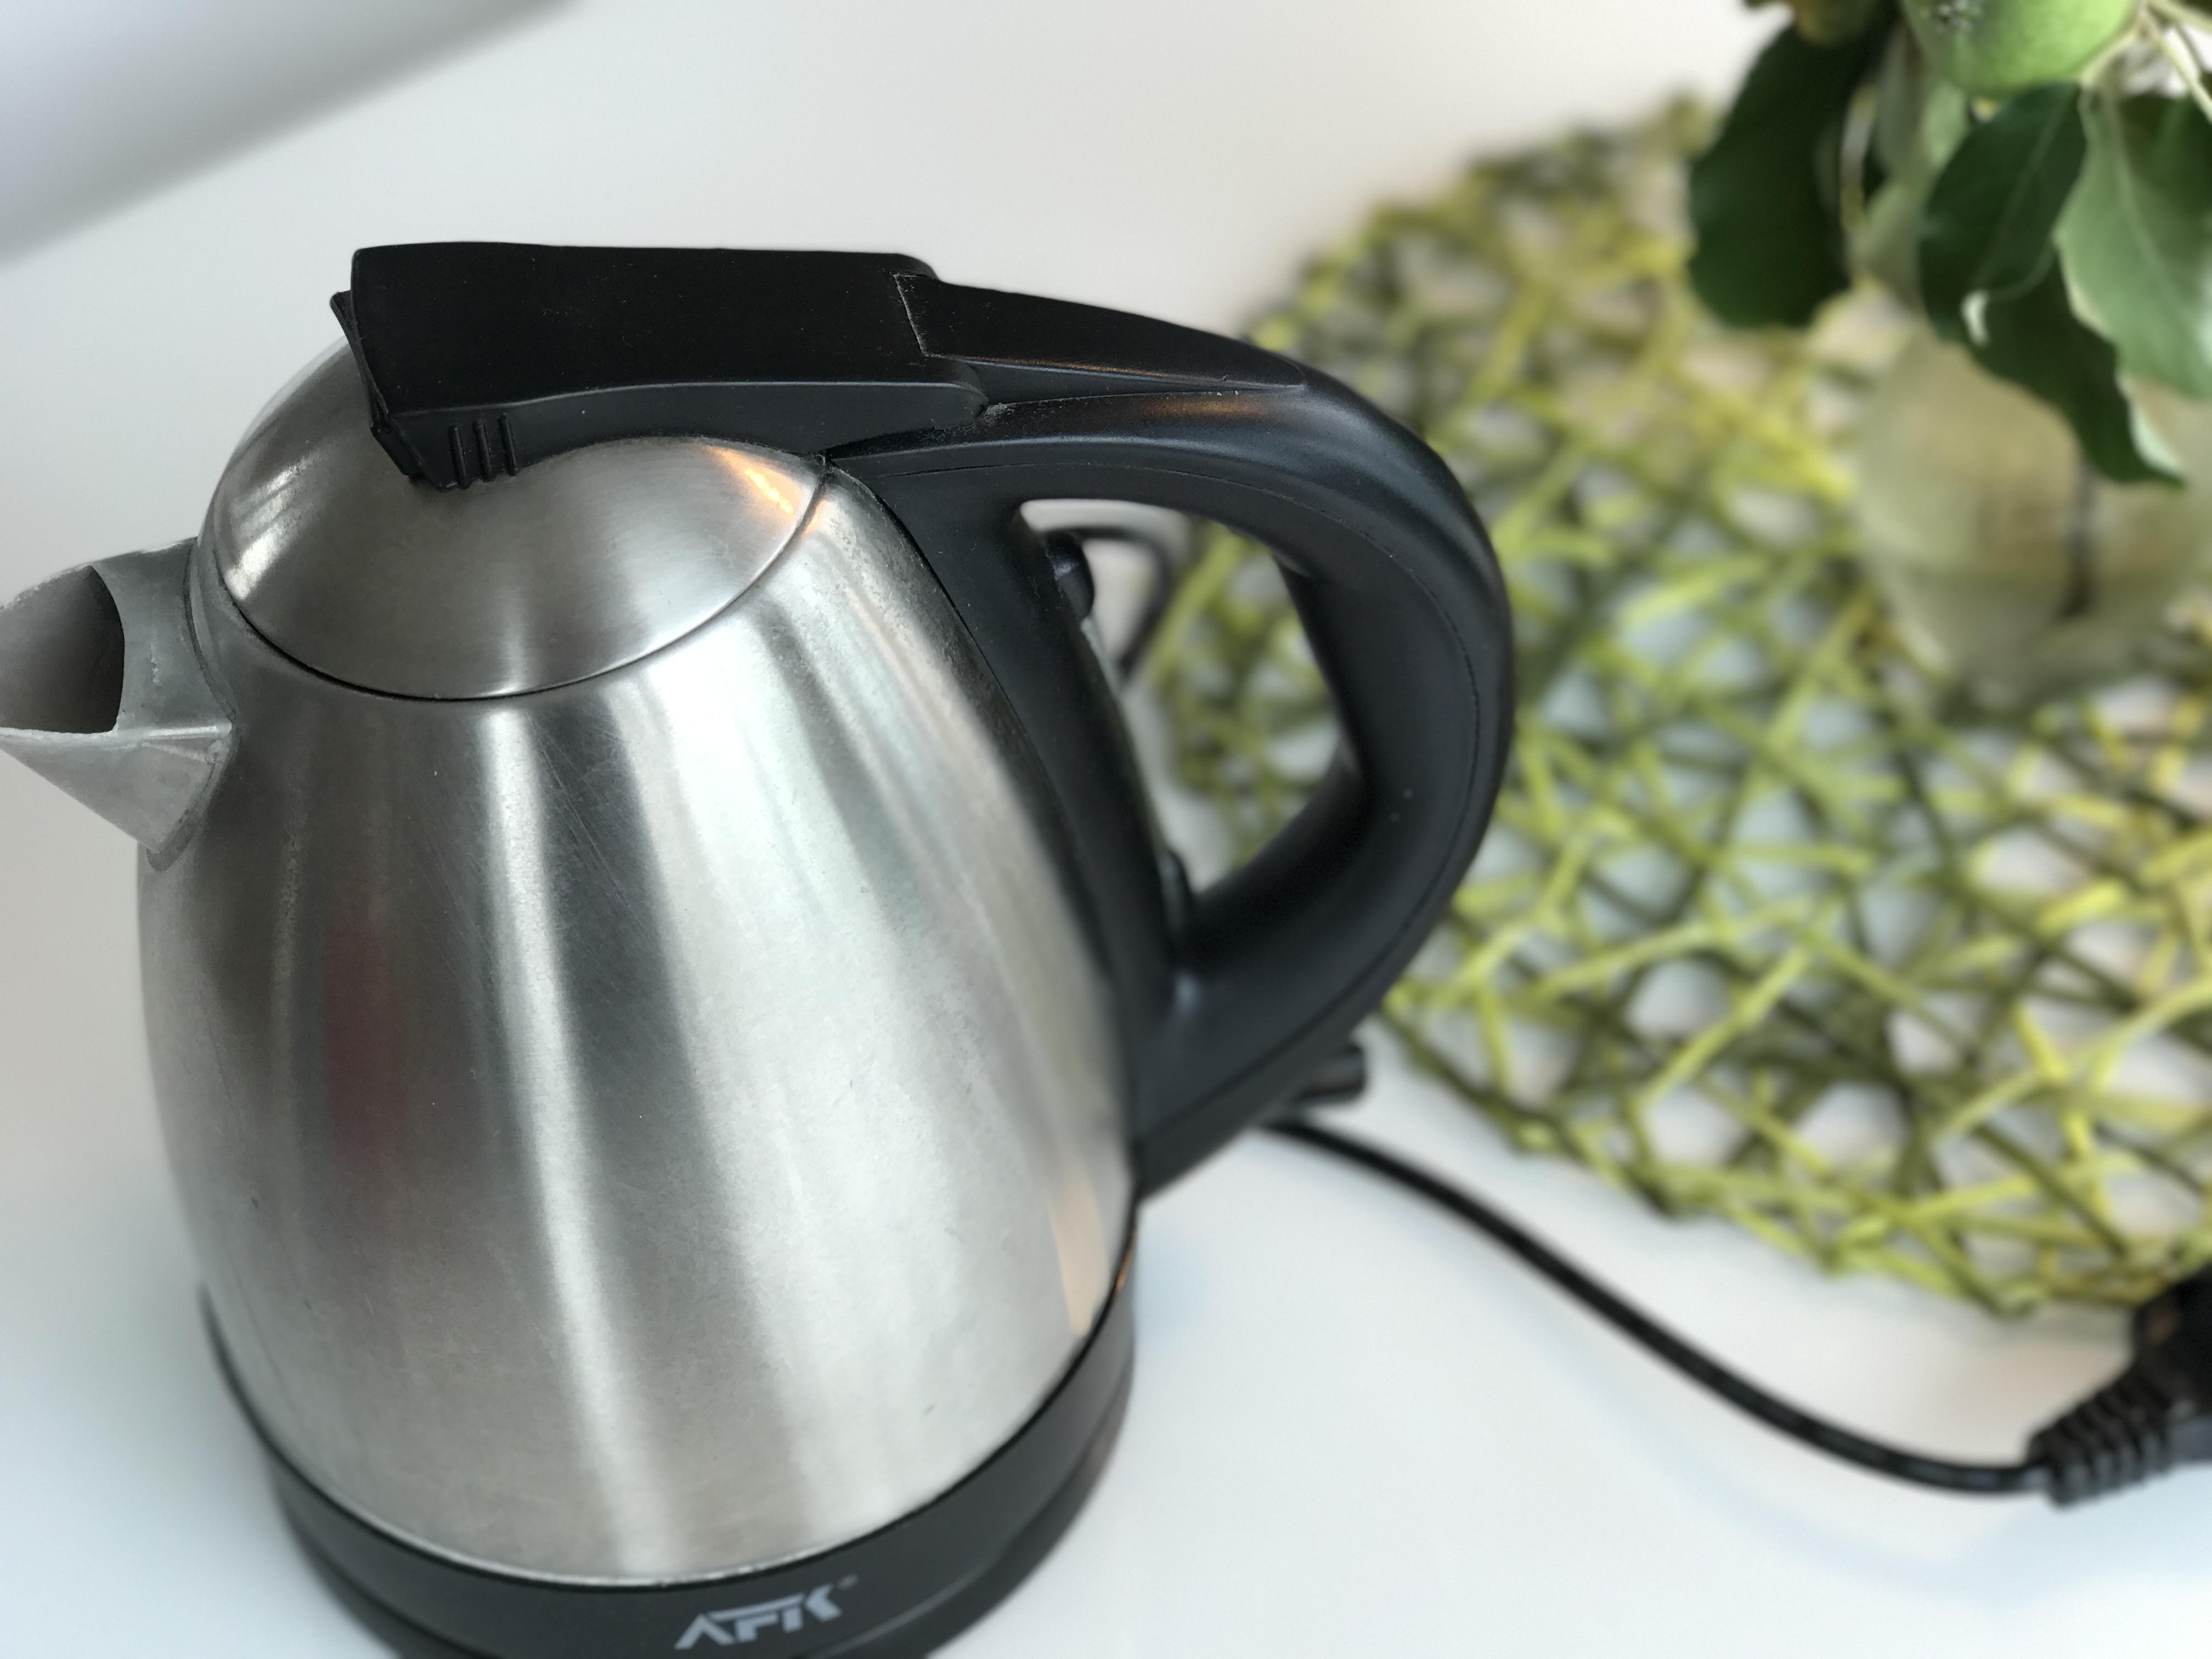 Wasserkocher entkalken mit Hausmittel ist einfach, effektiv